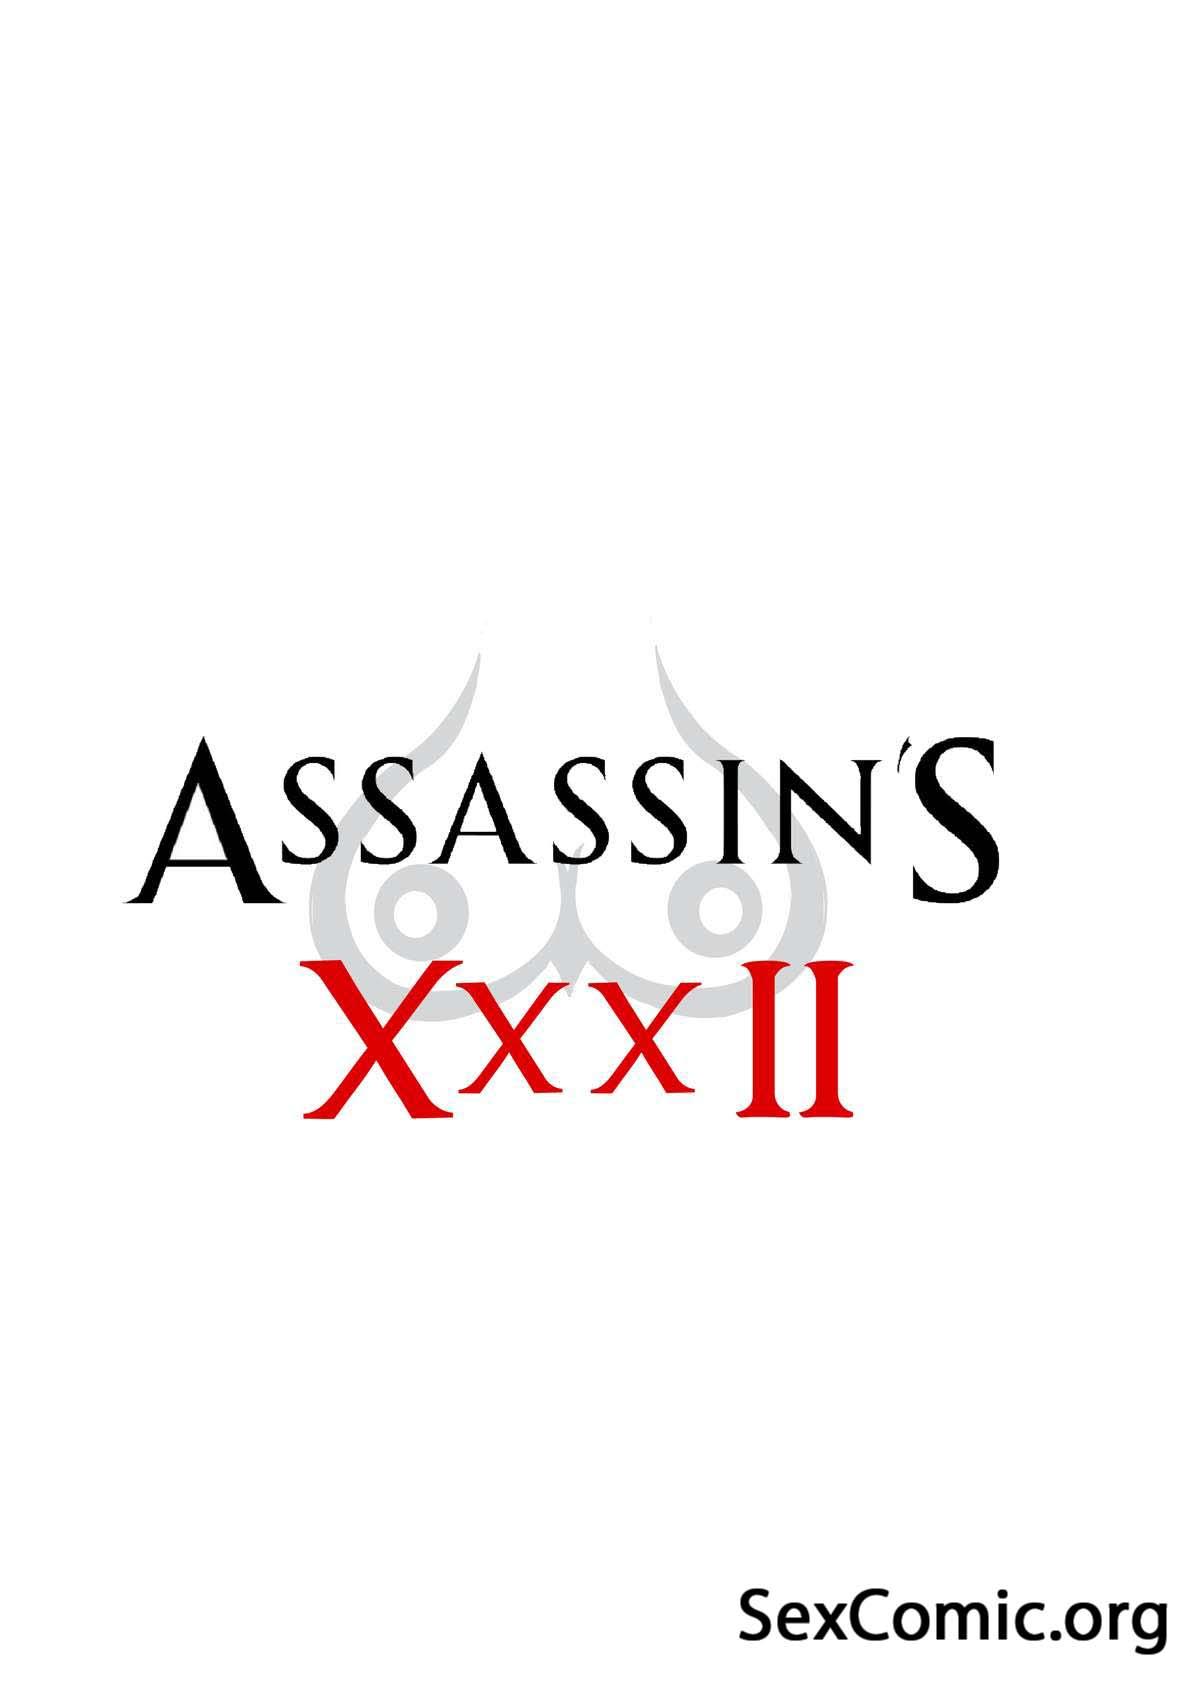 Assassin Creed Comic Porno xxx - En Castellano - Historias xxx - Mangas xxx - Hentai - Videos porno - Dibujos porno (15)